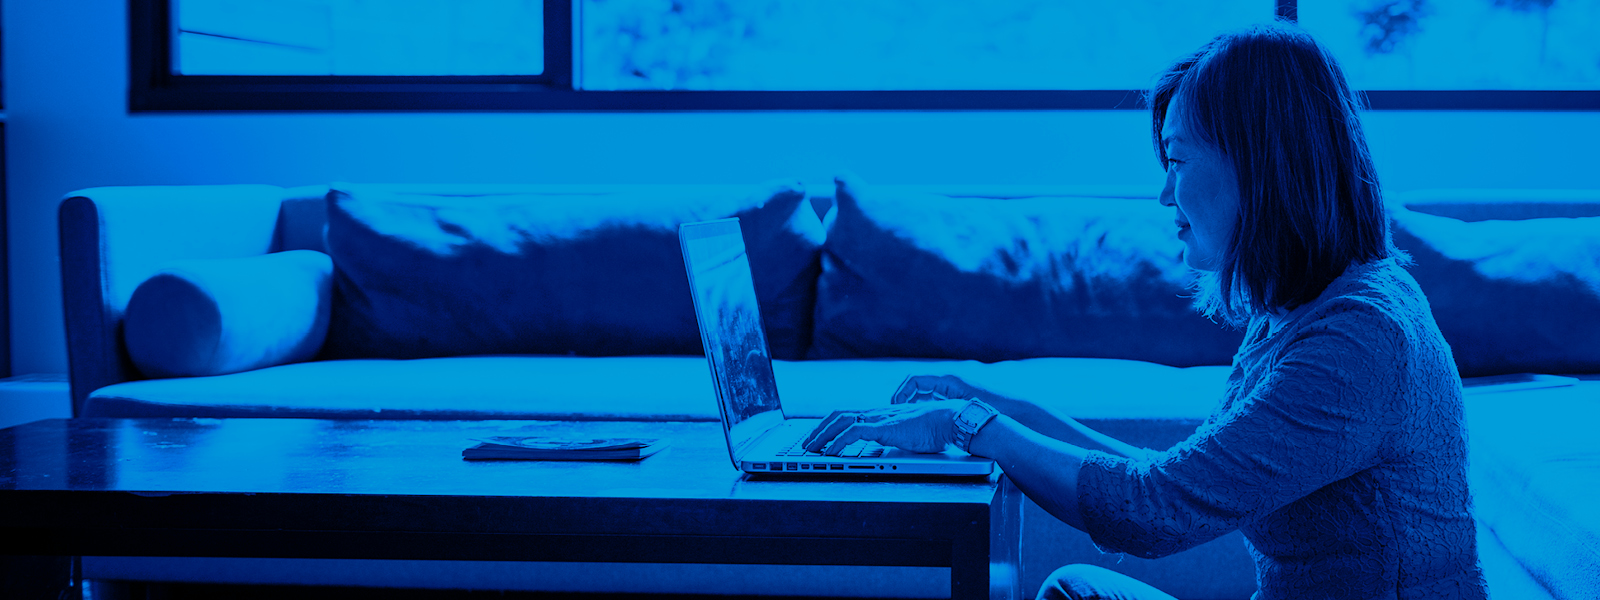 Imagen de una mujer usando su laptop